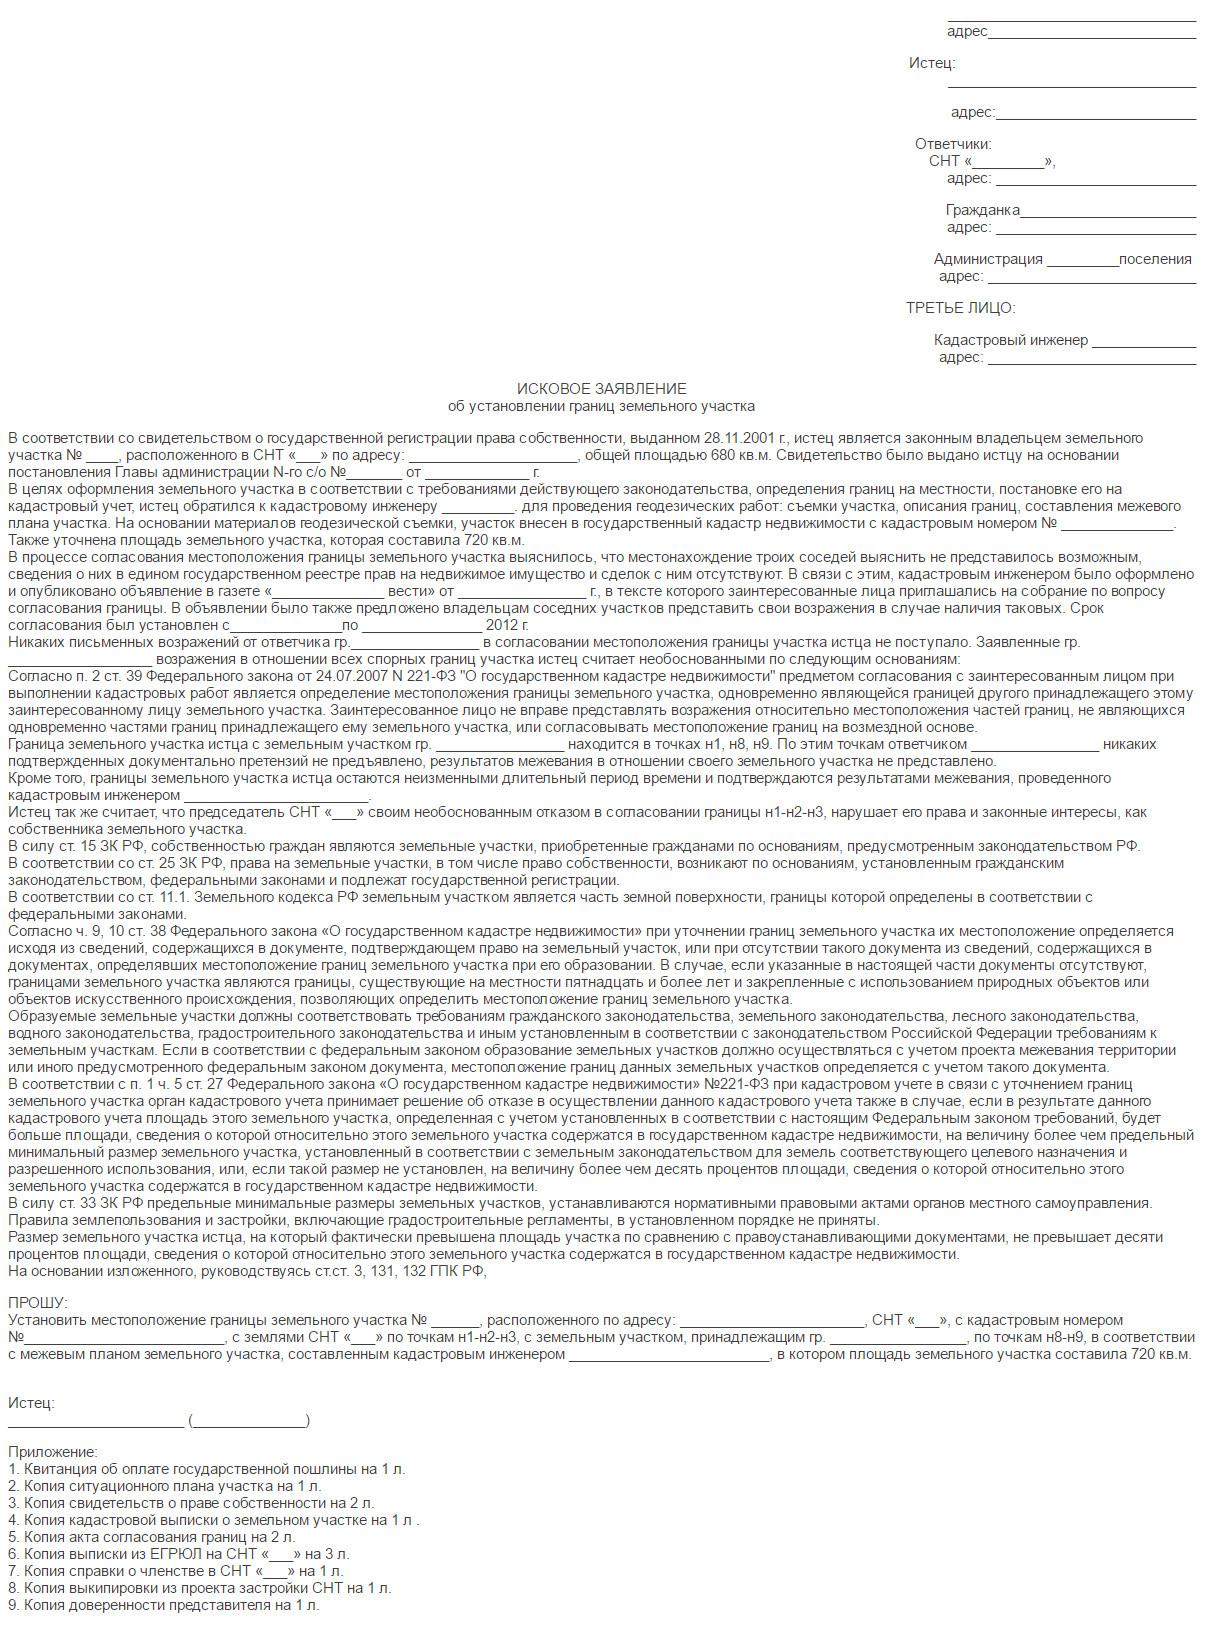 Изображение - Исковое заявление об установлении границ ustanovlenie_granic_uchastka_zayavlenie_obrazec-2